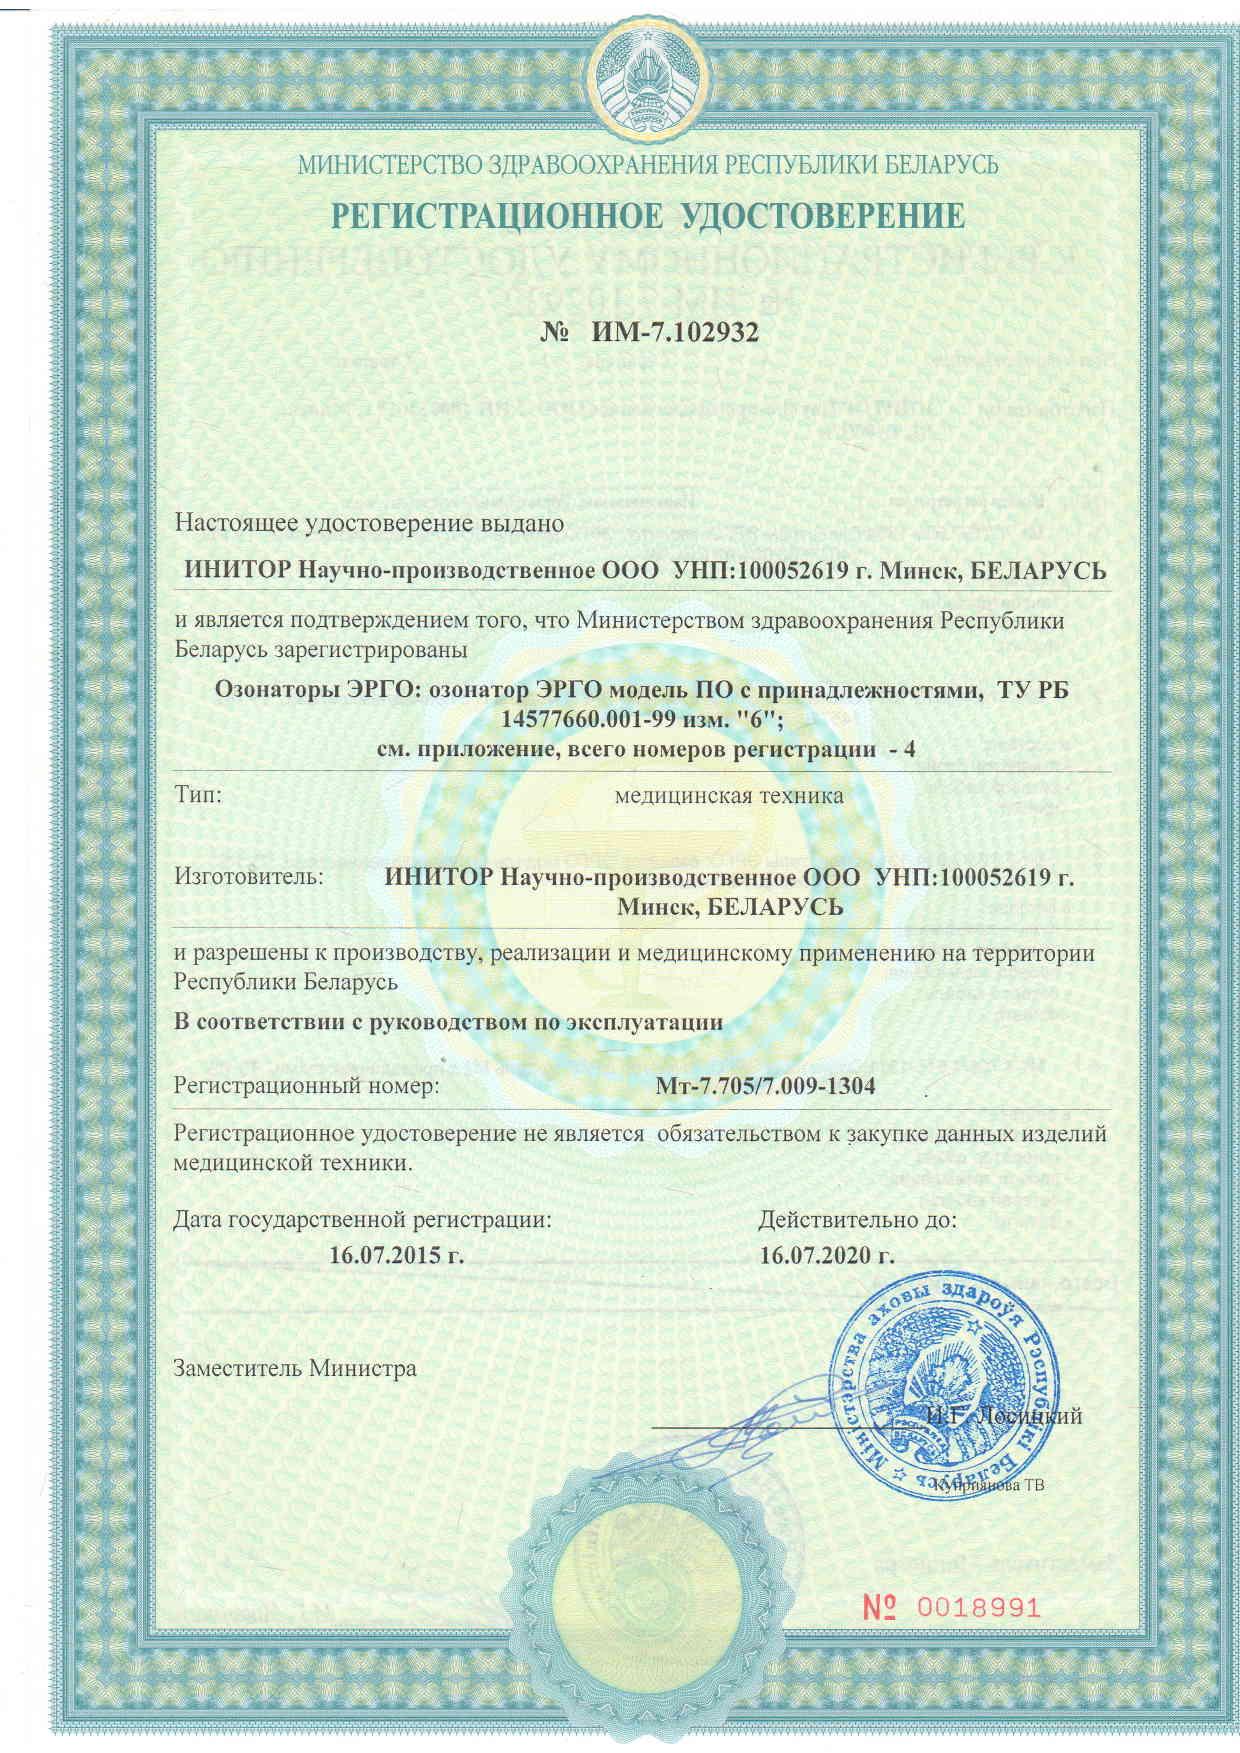 Рег удост МЗ 16.07.2015 2020 ЭРГО л1